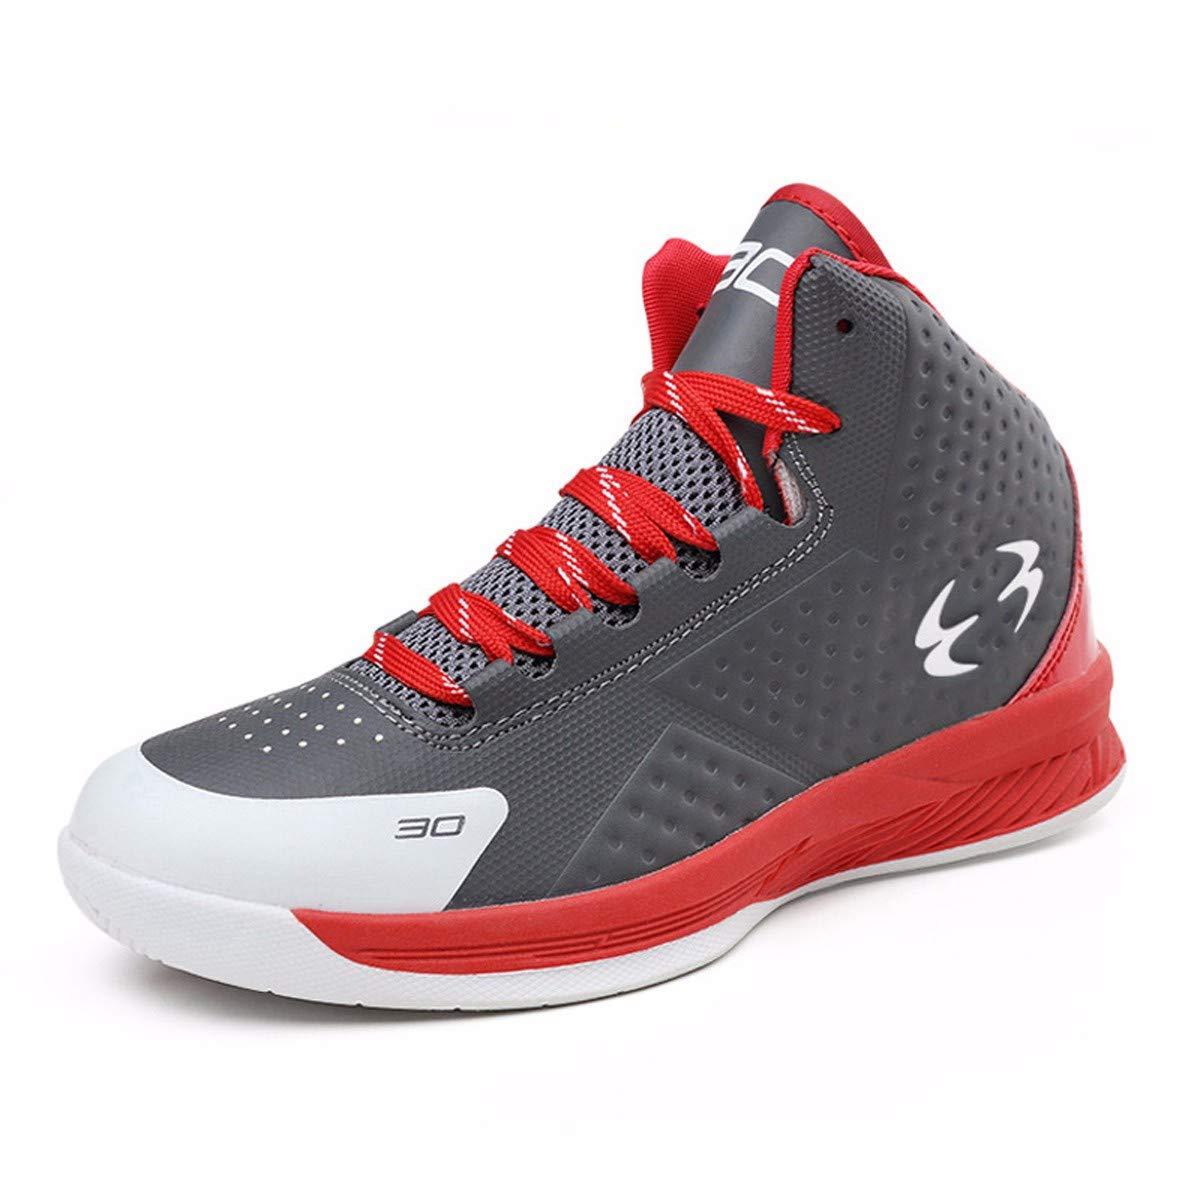 KMJBS-High School Students High Basketball Schuhe Sportschuhe für Männer und Frauen, leicht und verschleißfest Outdoor